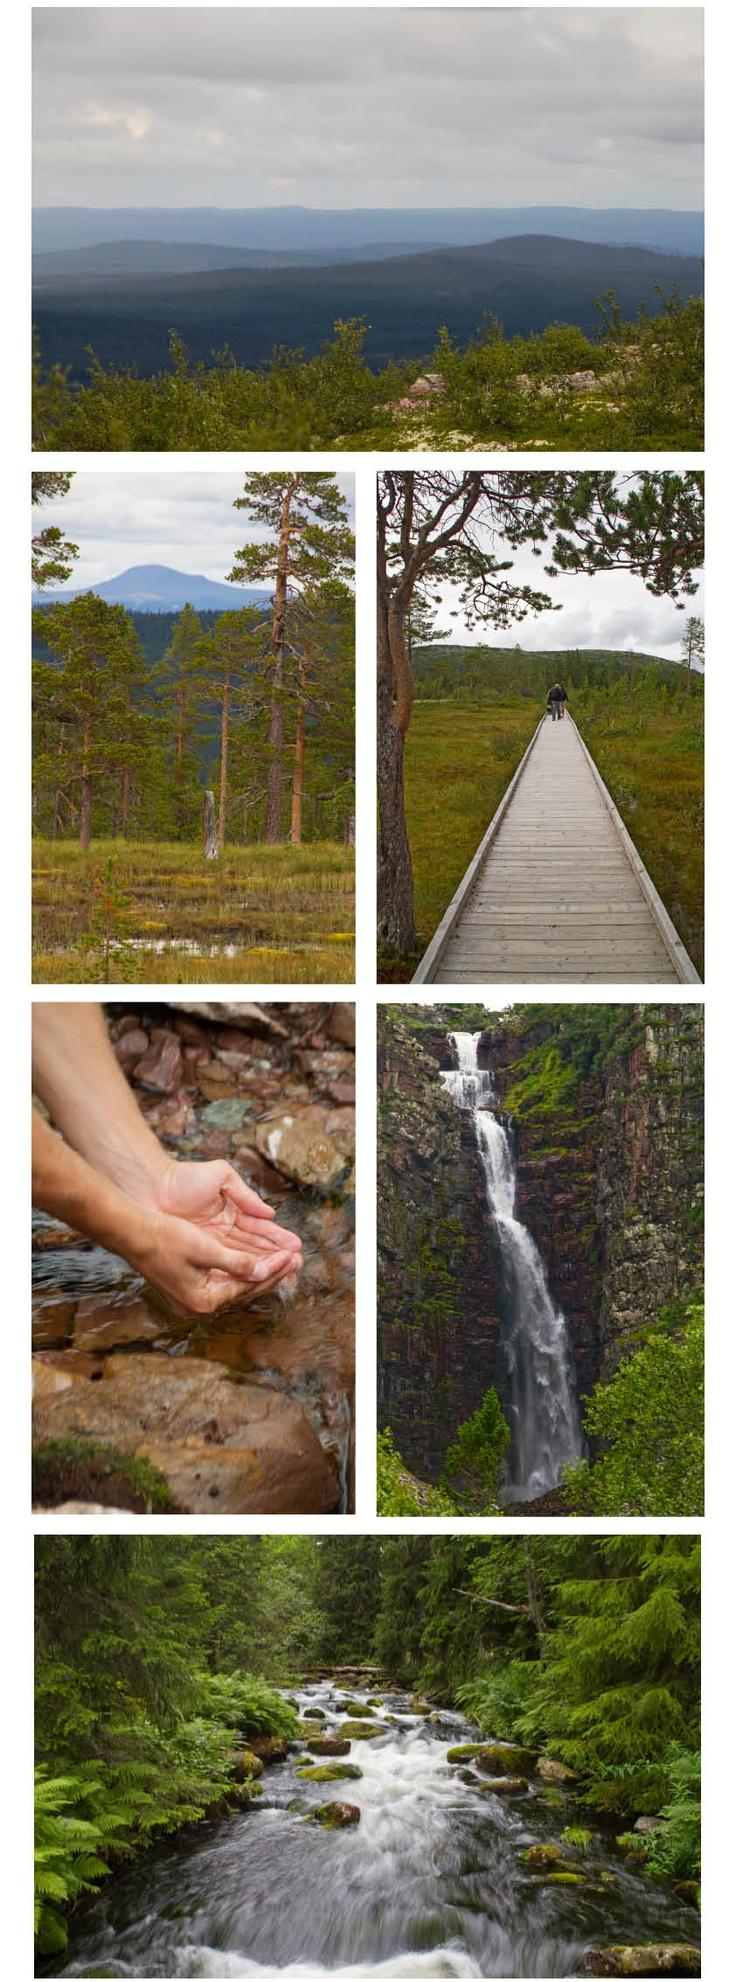 Fulufjällets Nationalpark, Dalarna, Sweden